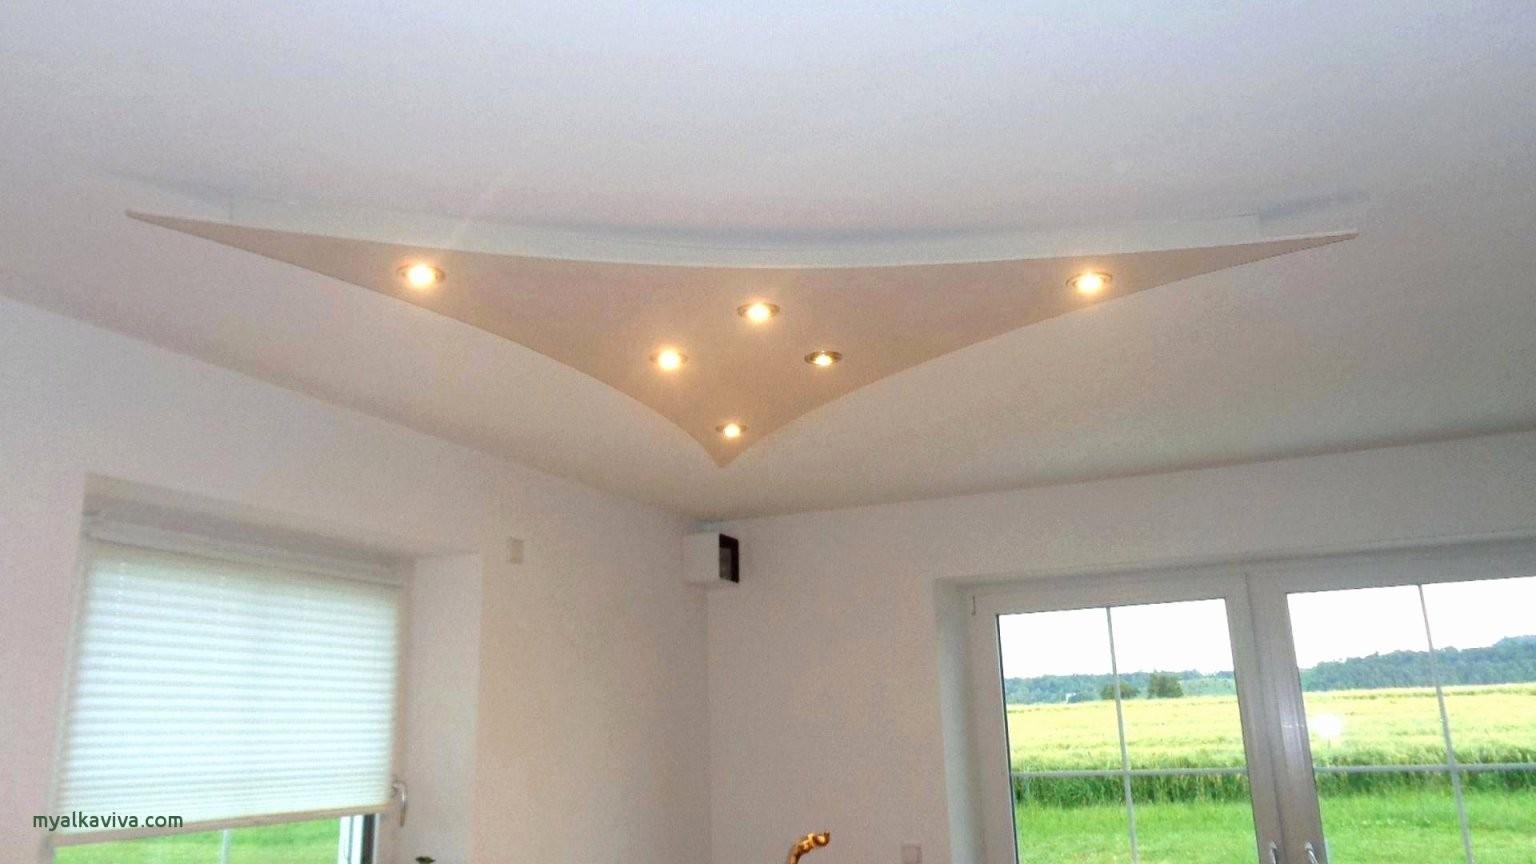 Indirekte Beleuchtung Selber Bauen Rigips Inspirierend Led Plexiglas von Led Plexiglas Beleuchtung Bauanleitung Bild